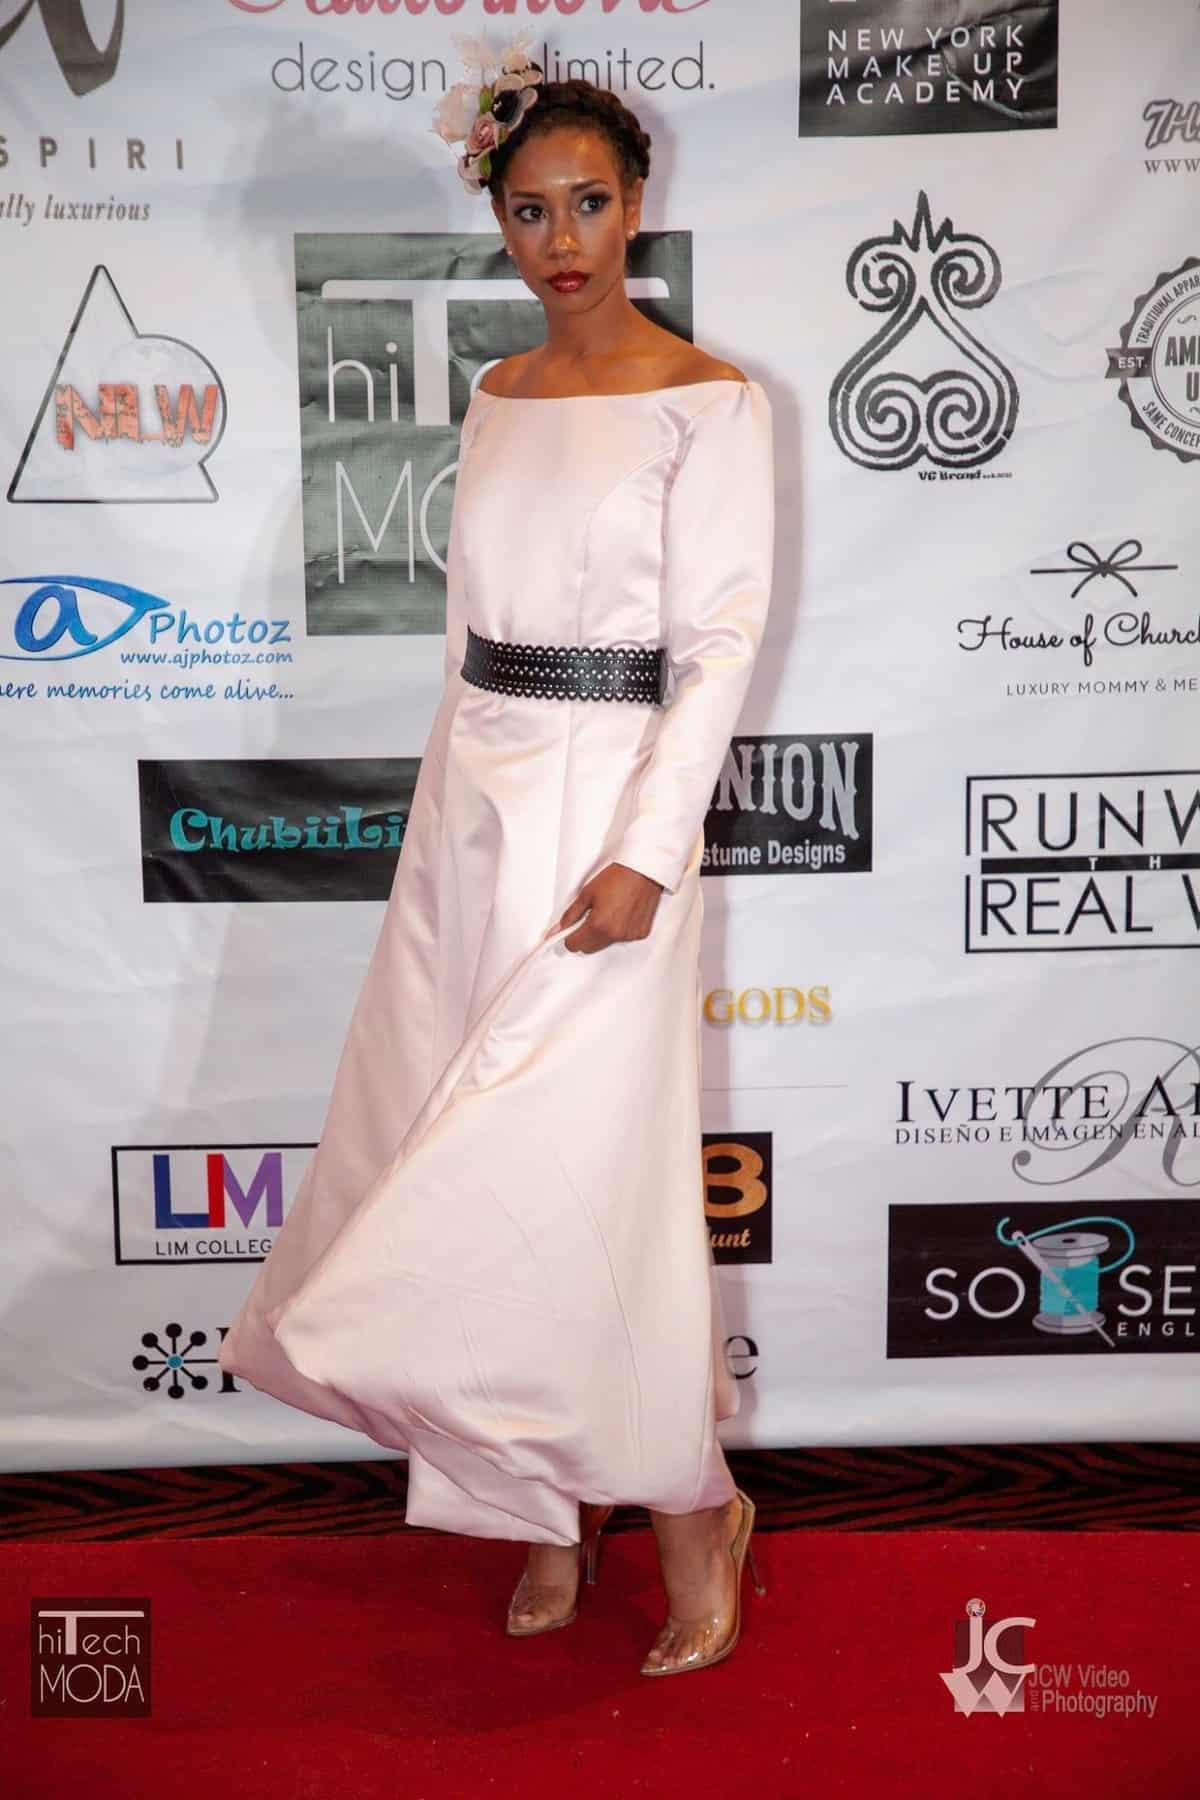 Designs by Columbus fashion designer Mellissa Miller